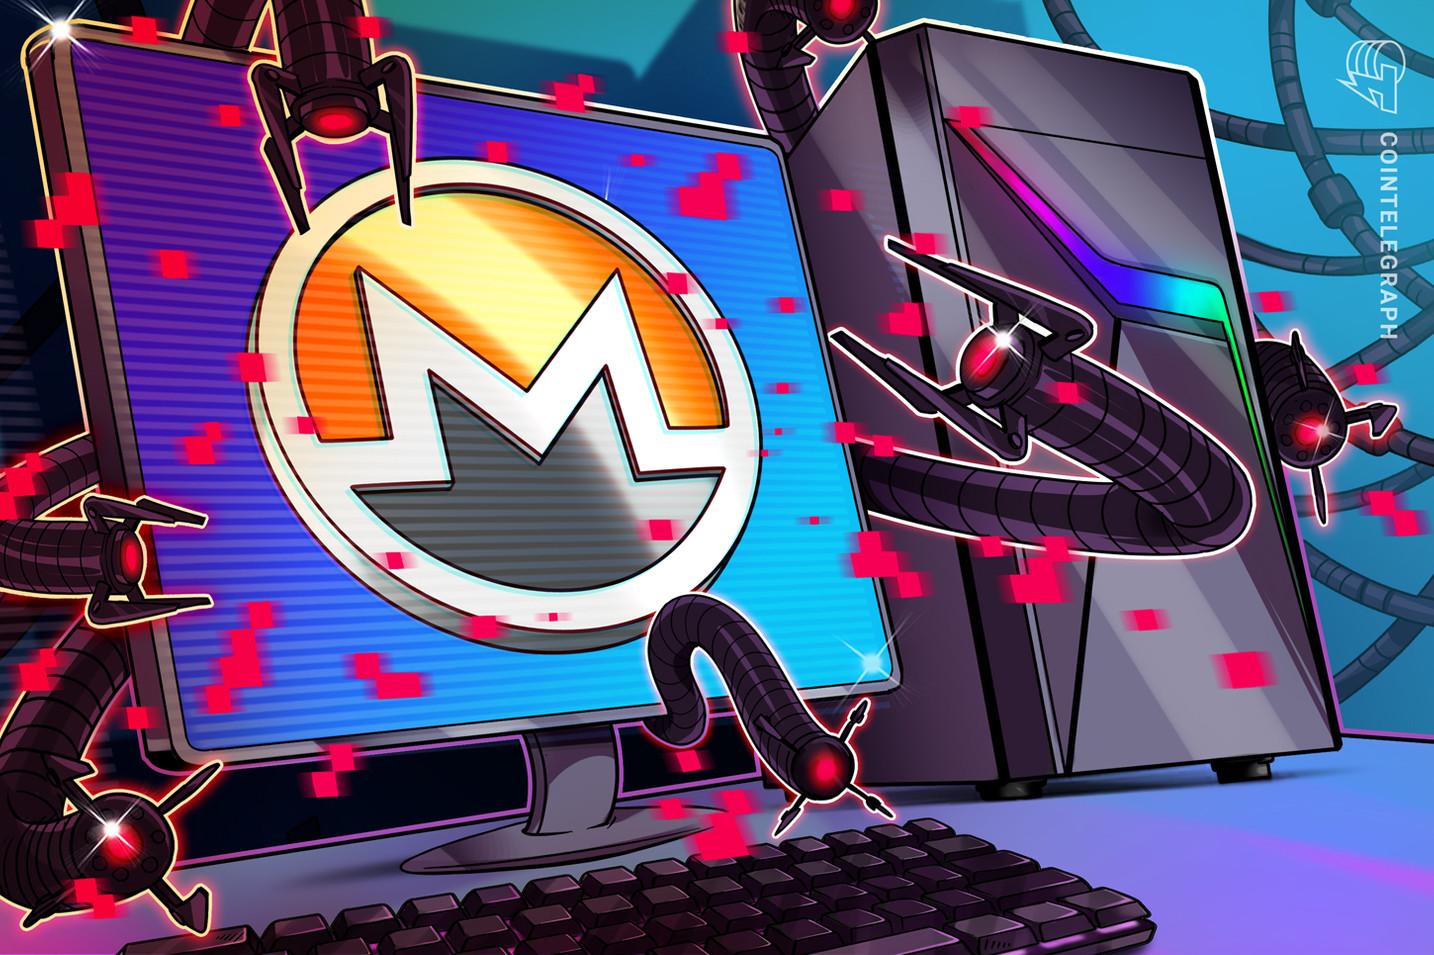 Investigadores detectan un nuevo malware dirigido a los clústeres de Kubernetes para minar Monero